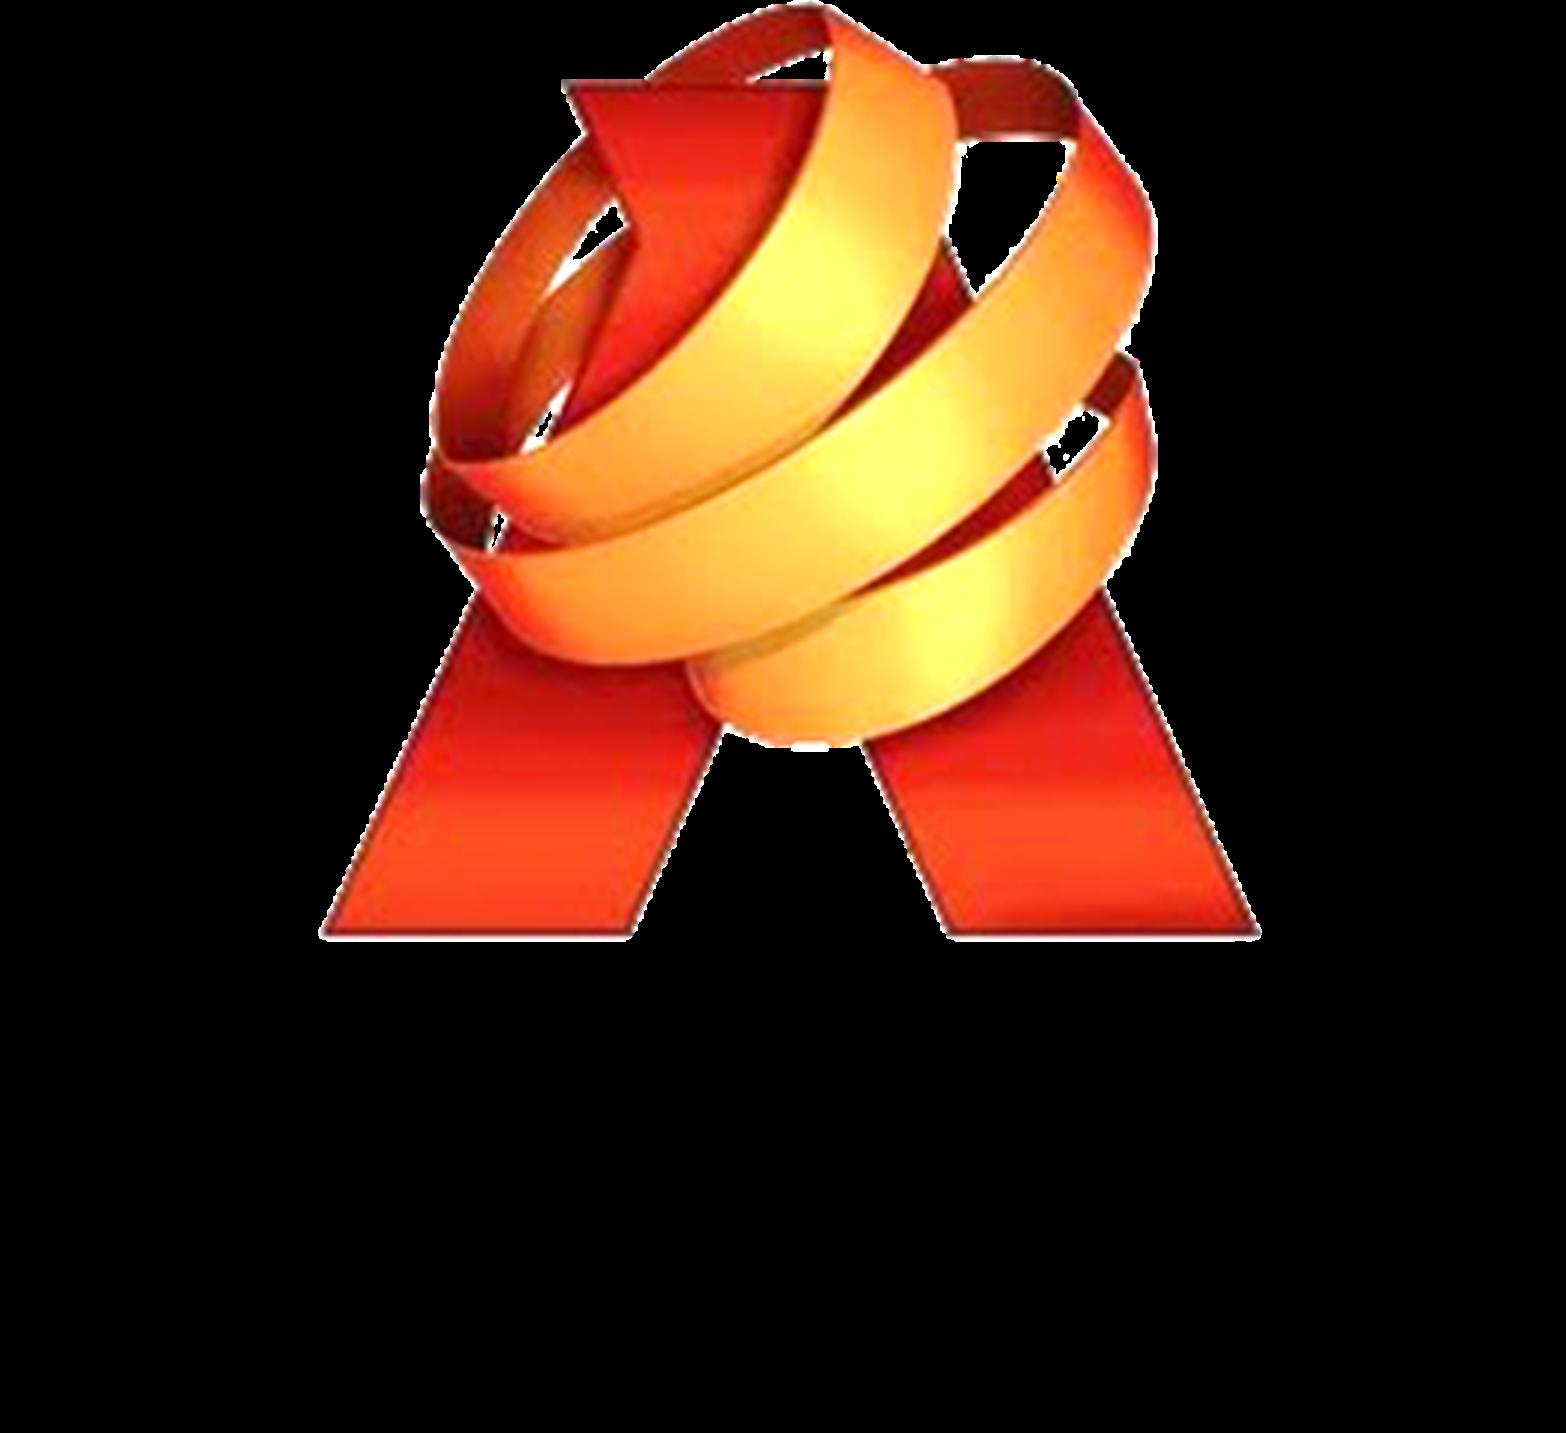 clipart free library Image antena png logopedia. Latina clip.